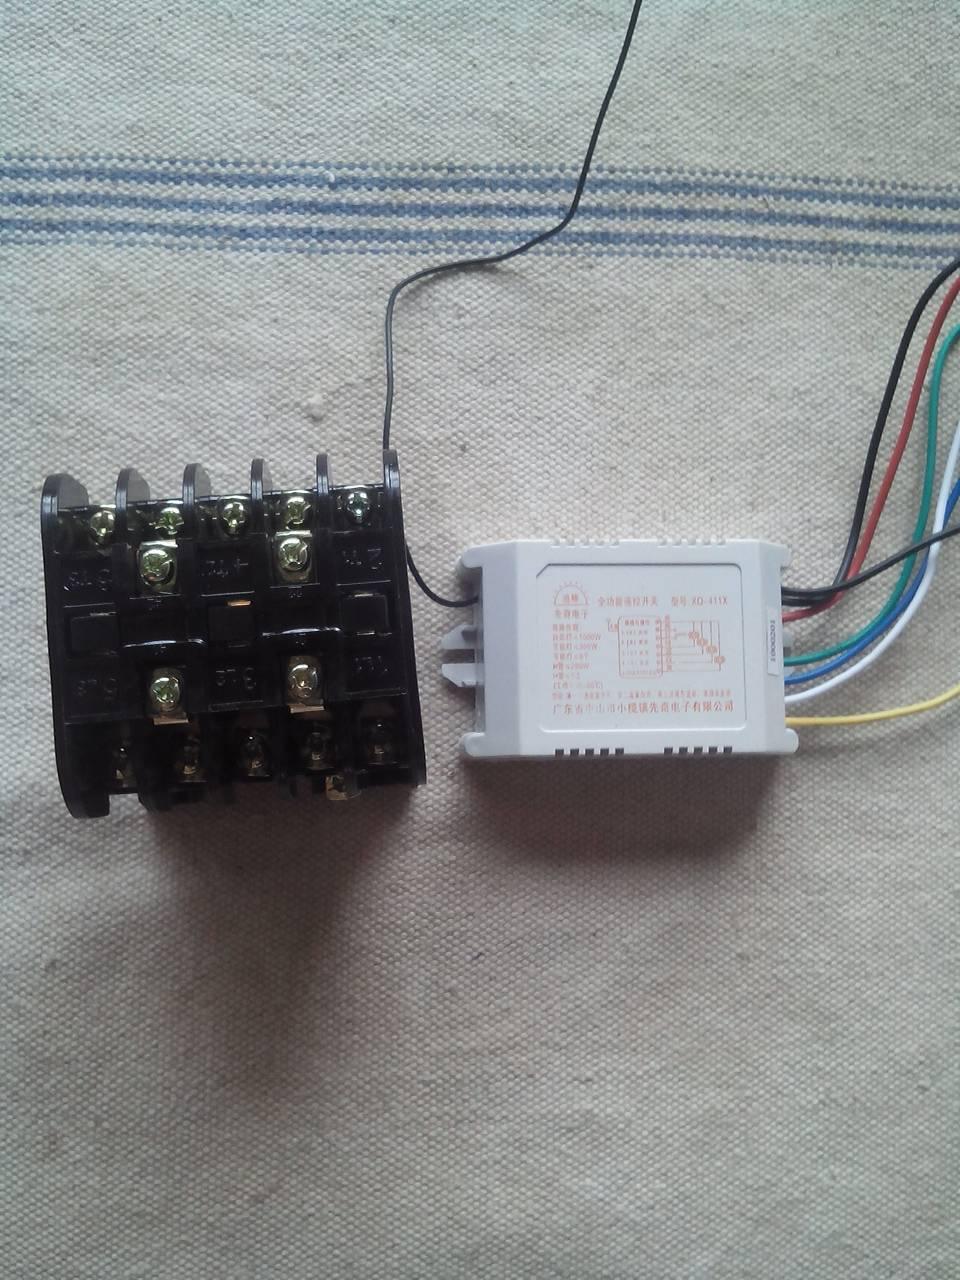 进线220v出线220v三叶轮水泵如何接线?